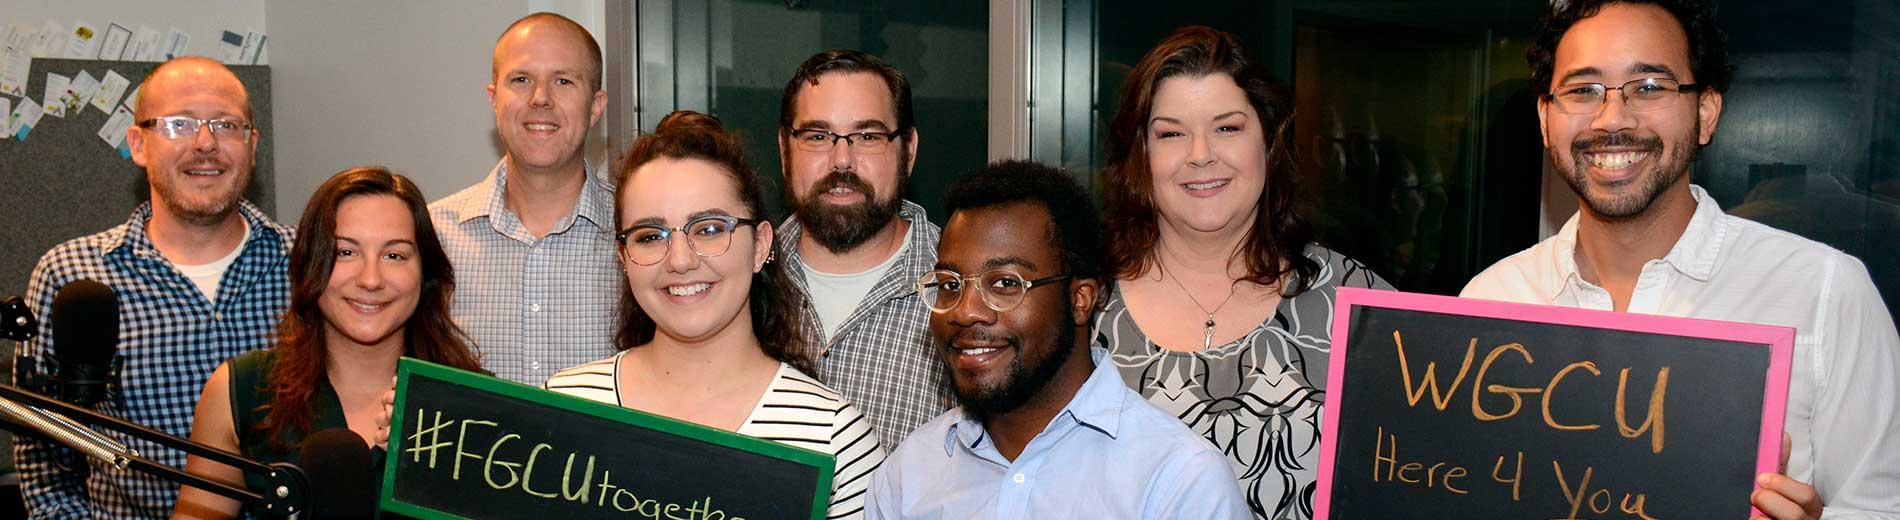 Photo shows WGCU staff